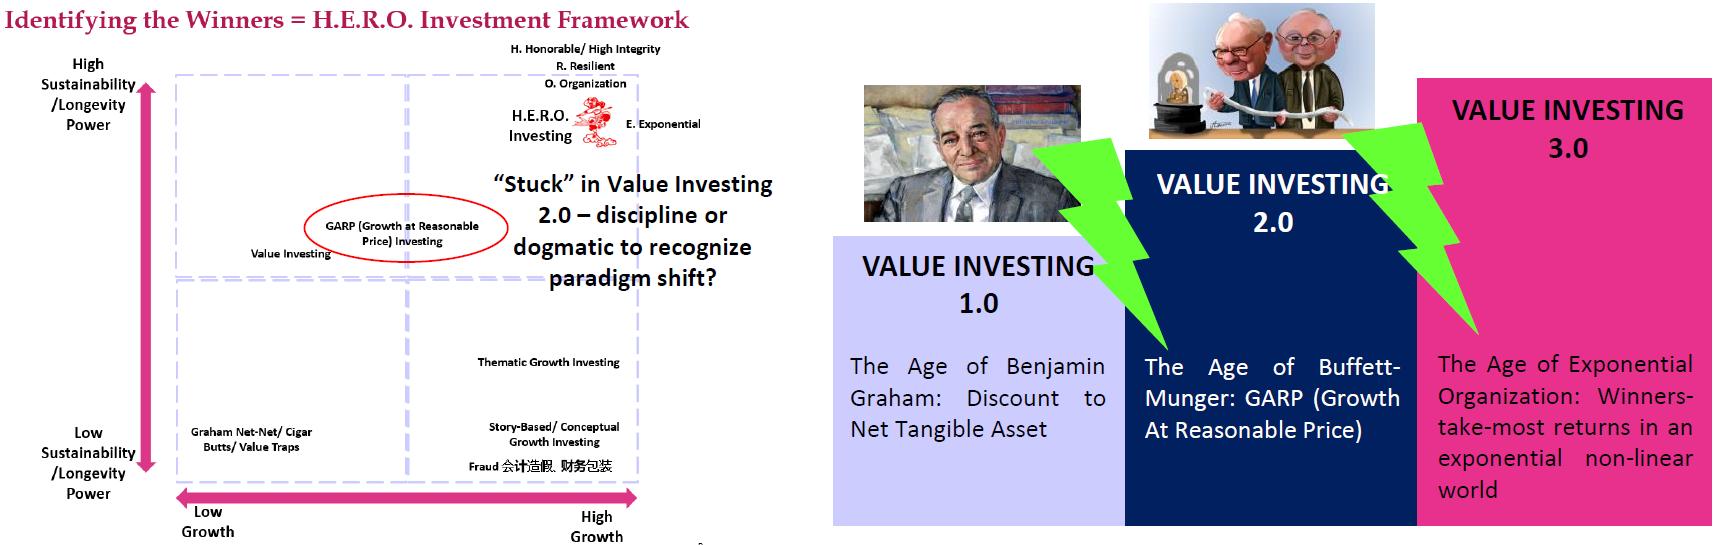 Value Investing 3.0